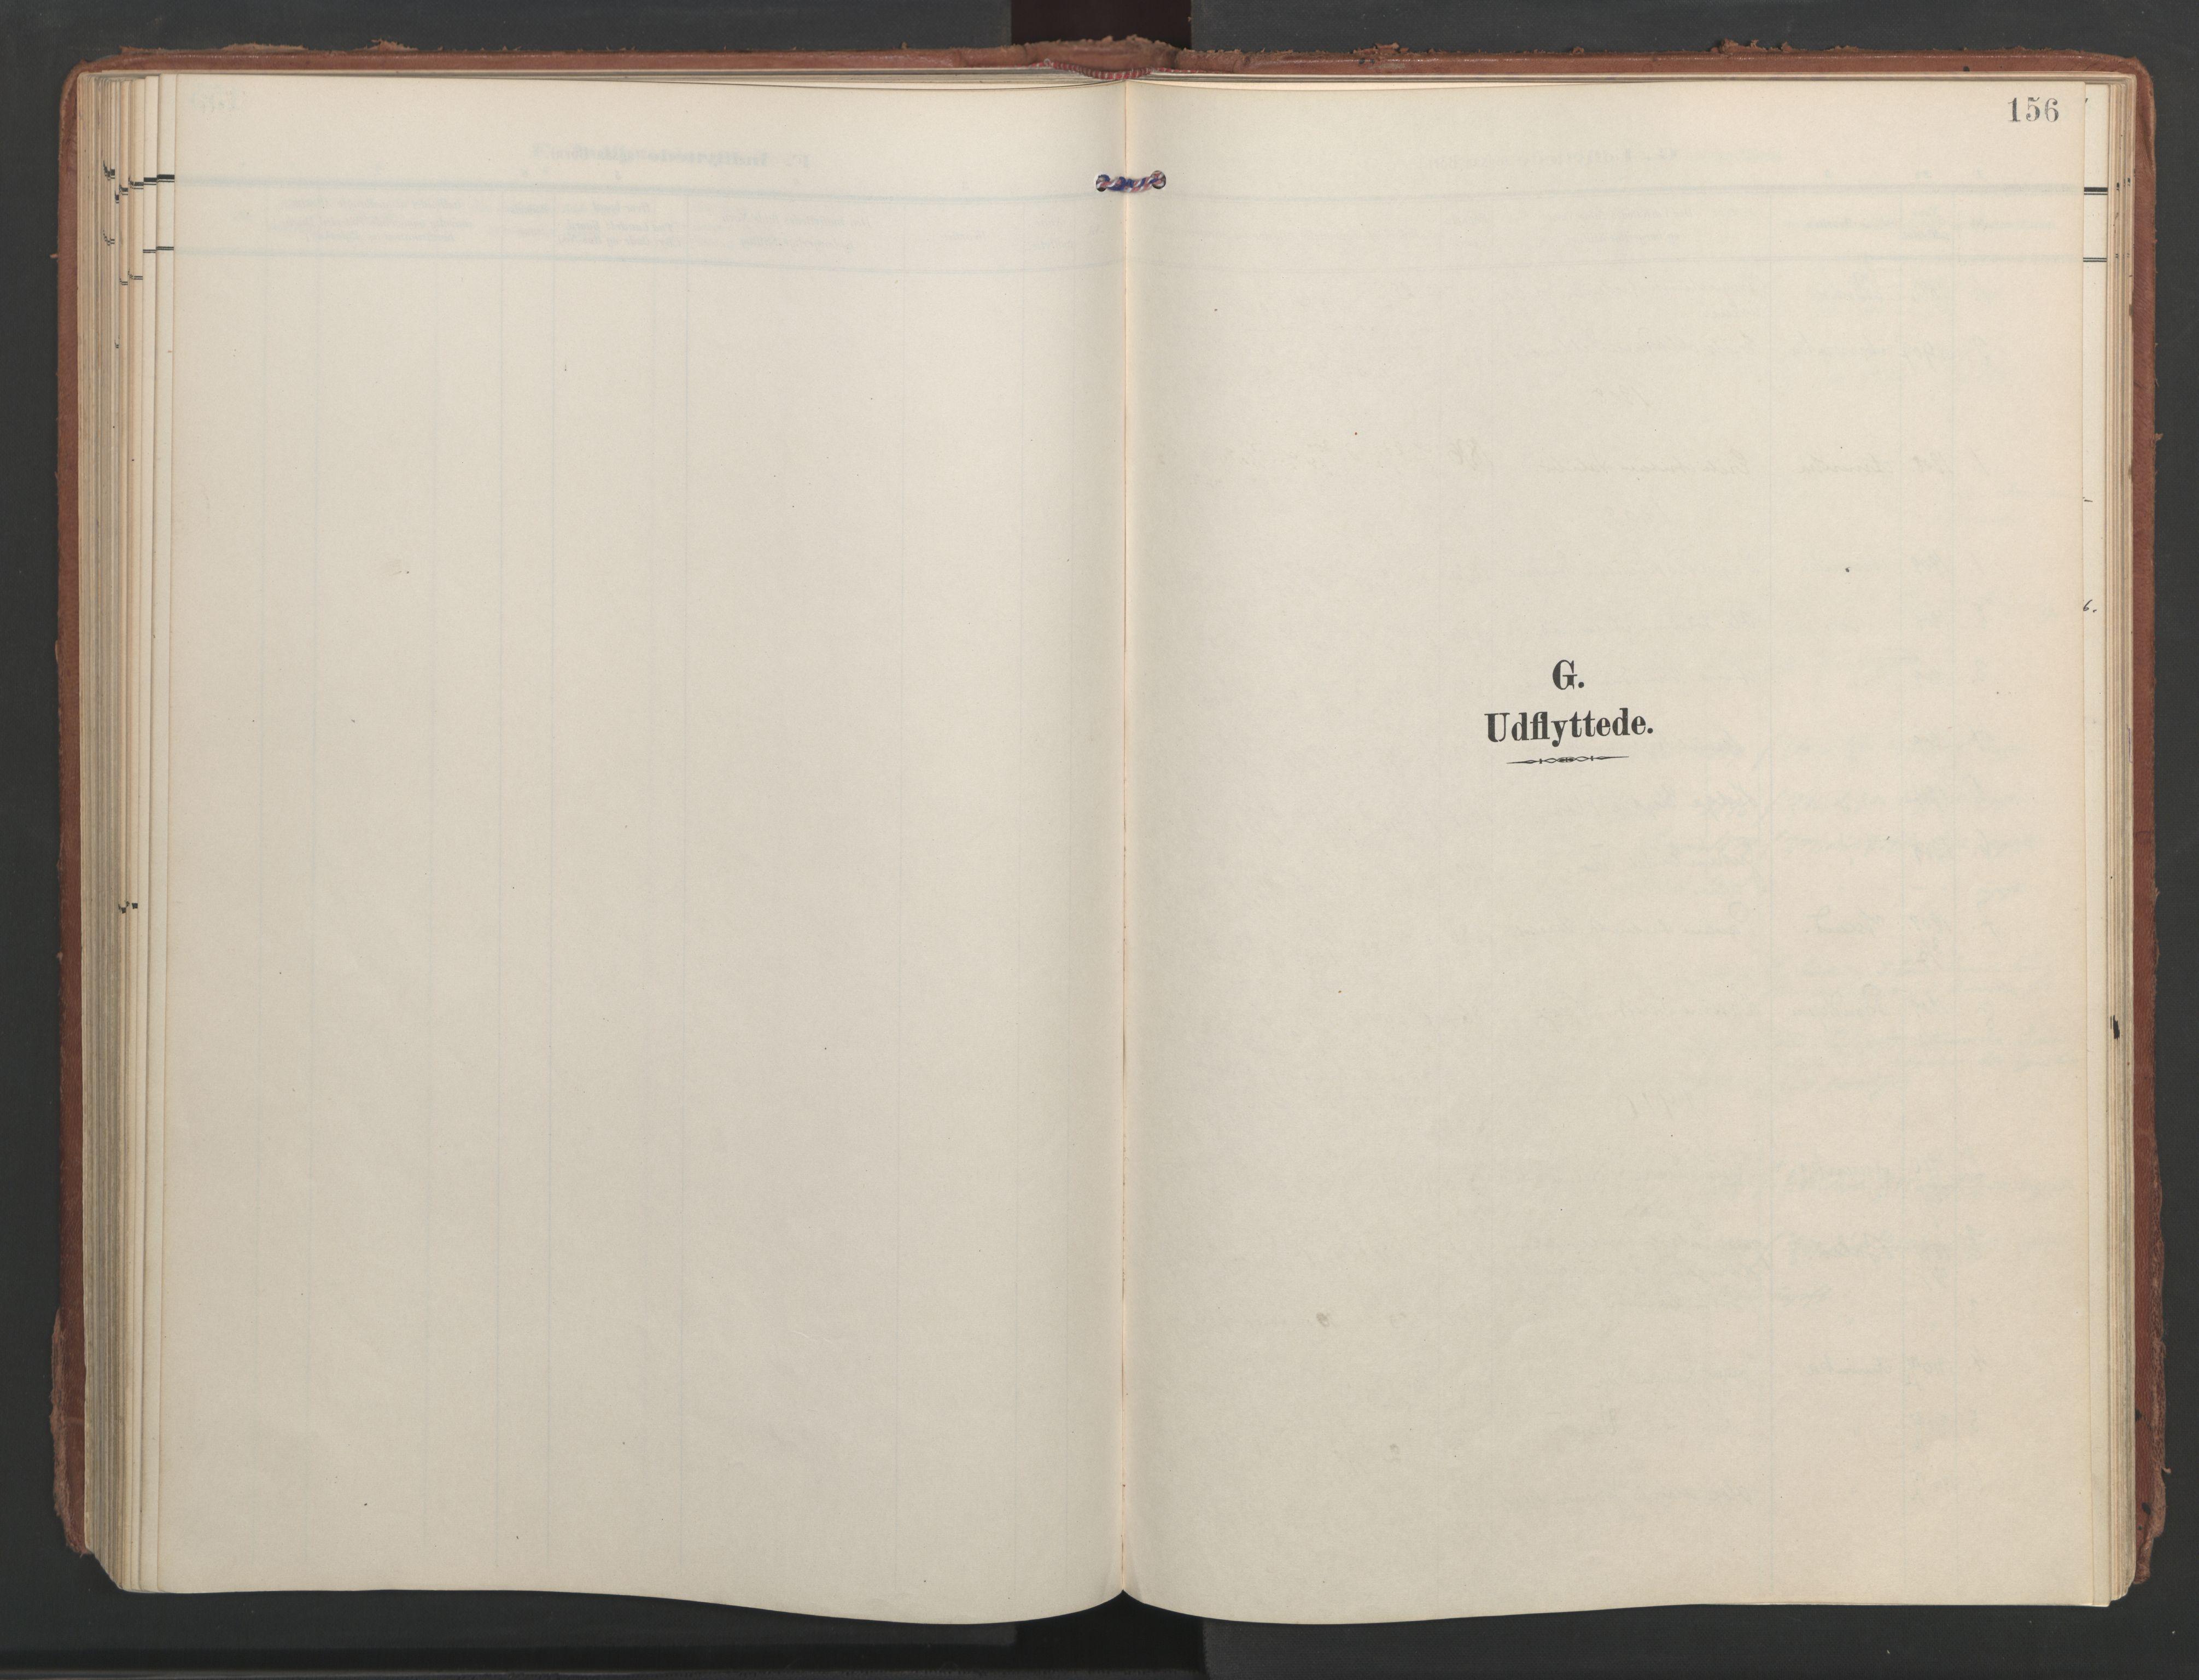 SAT, Ministerialprotokoller, klokkerbøker og fødselsregistre - Møre og Romsdal, 547/L0605: Ministerialbok nr. 547A07, 1907-1936, s. 156